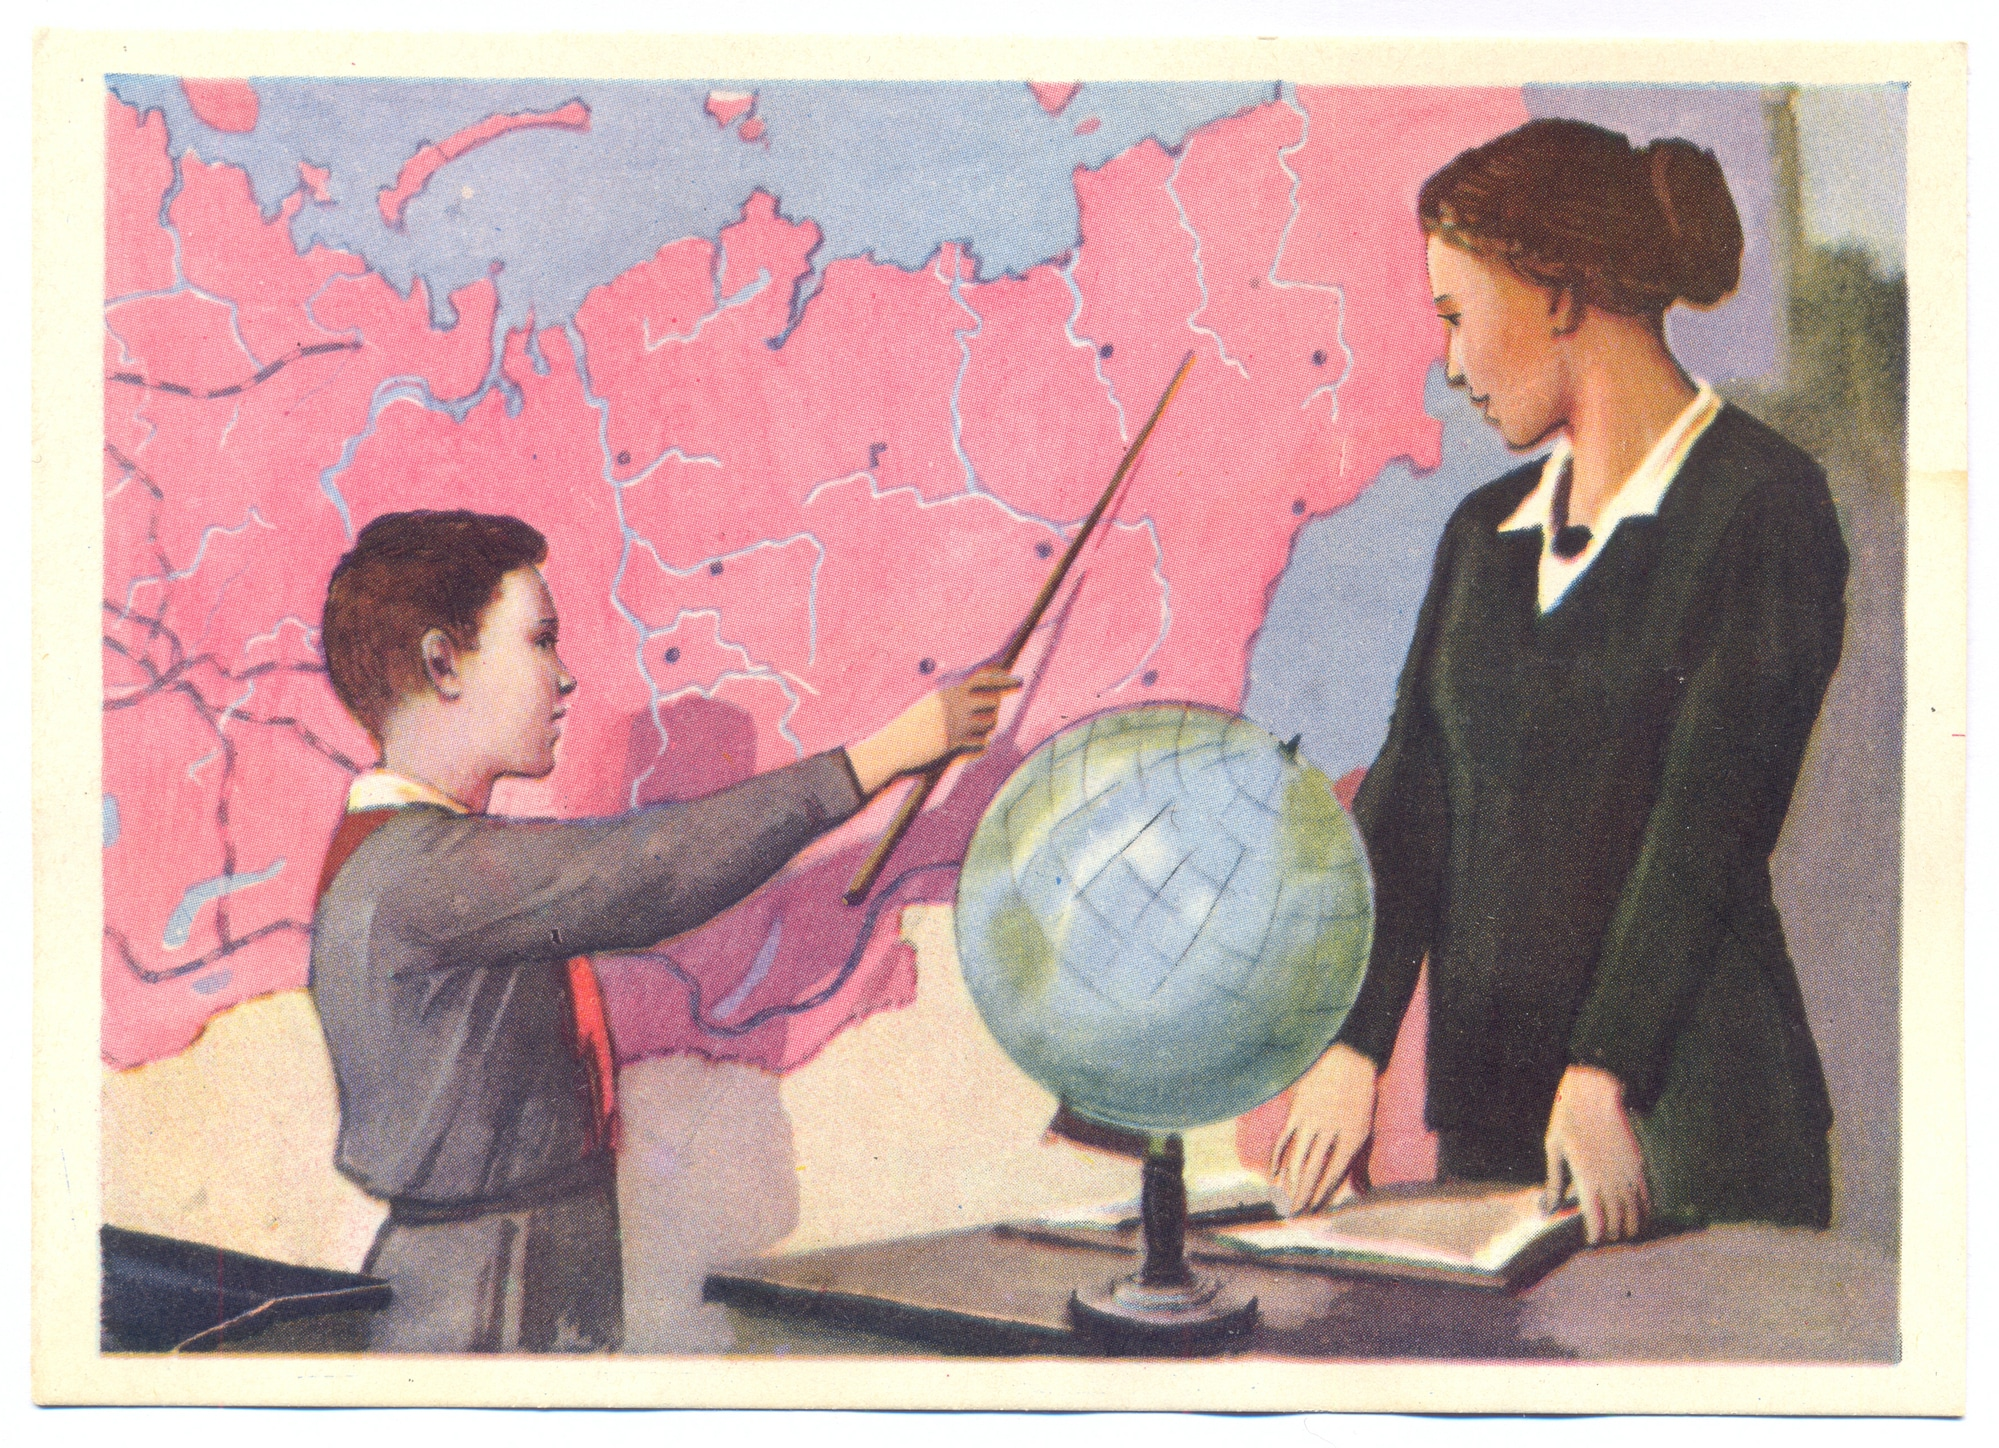 Образование при СССР и в современной России – какое лучше? Рассказывают эксперты